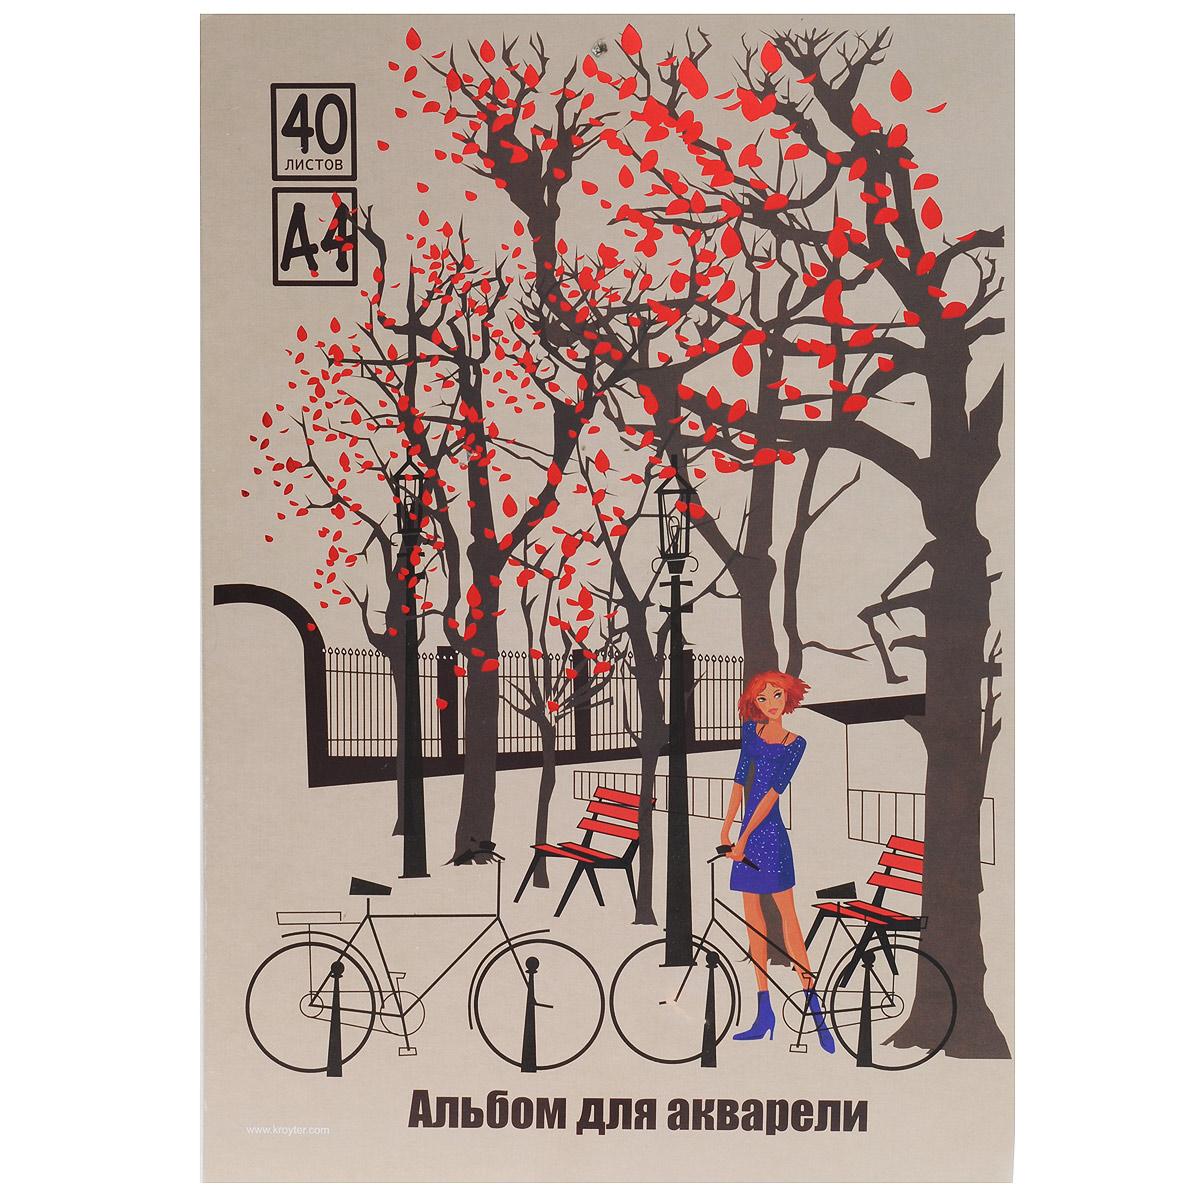 Альбом для рисования акварелью Kroyter, 40 листов, формат А460120Альбом Kroyter на картонном планшете предназначен для рисования акварелью, художественно-графических работ и детского творчества. Внутренний блок состоит из офсетной бумаги. Обложка альбома украшена ярким цветным рисунком. Тип крепления листов - склейка.